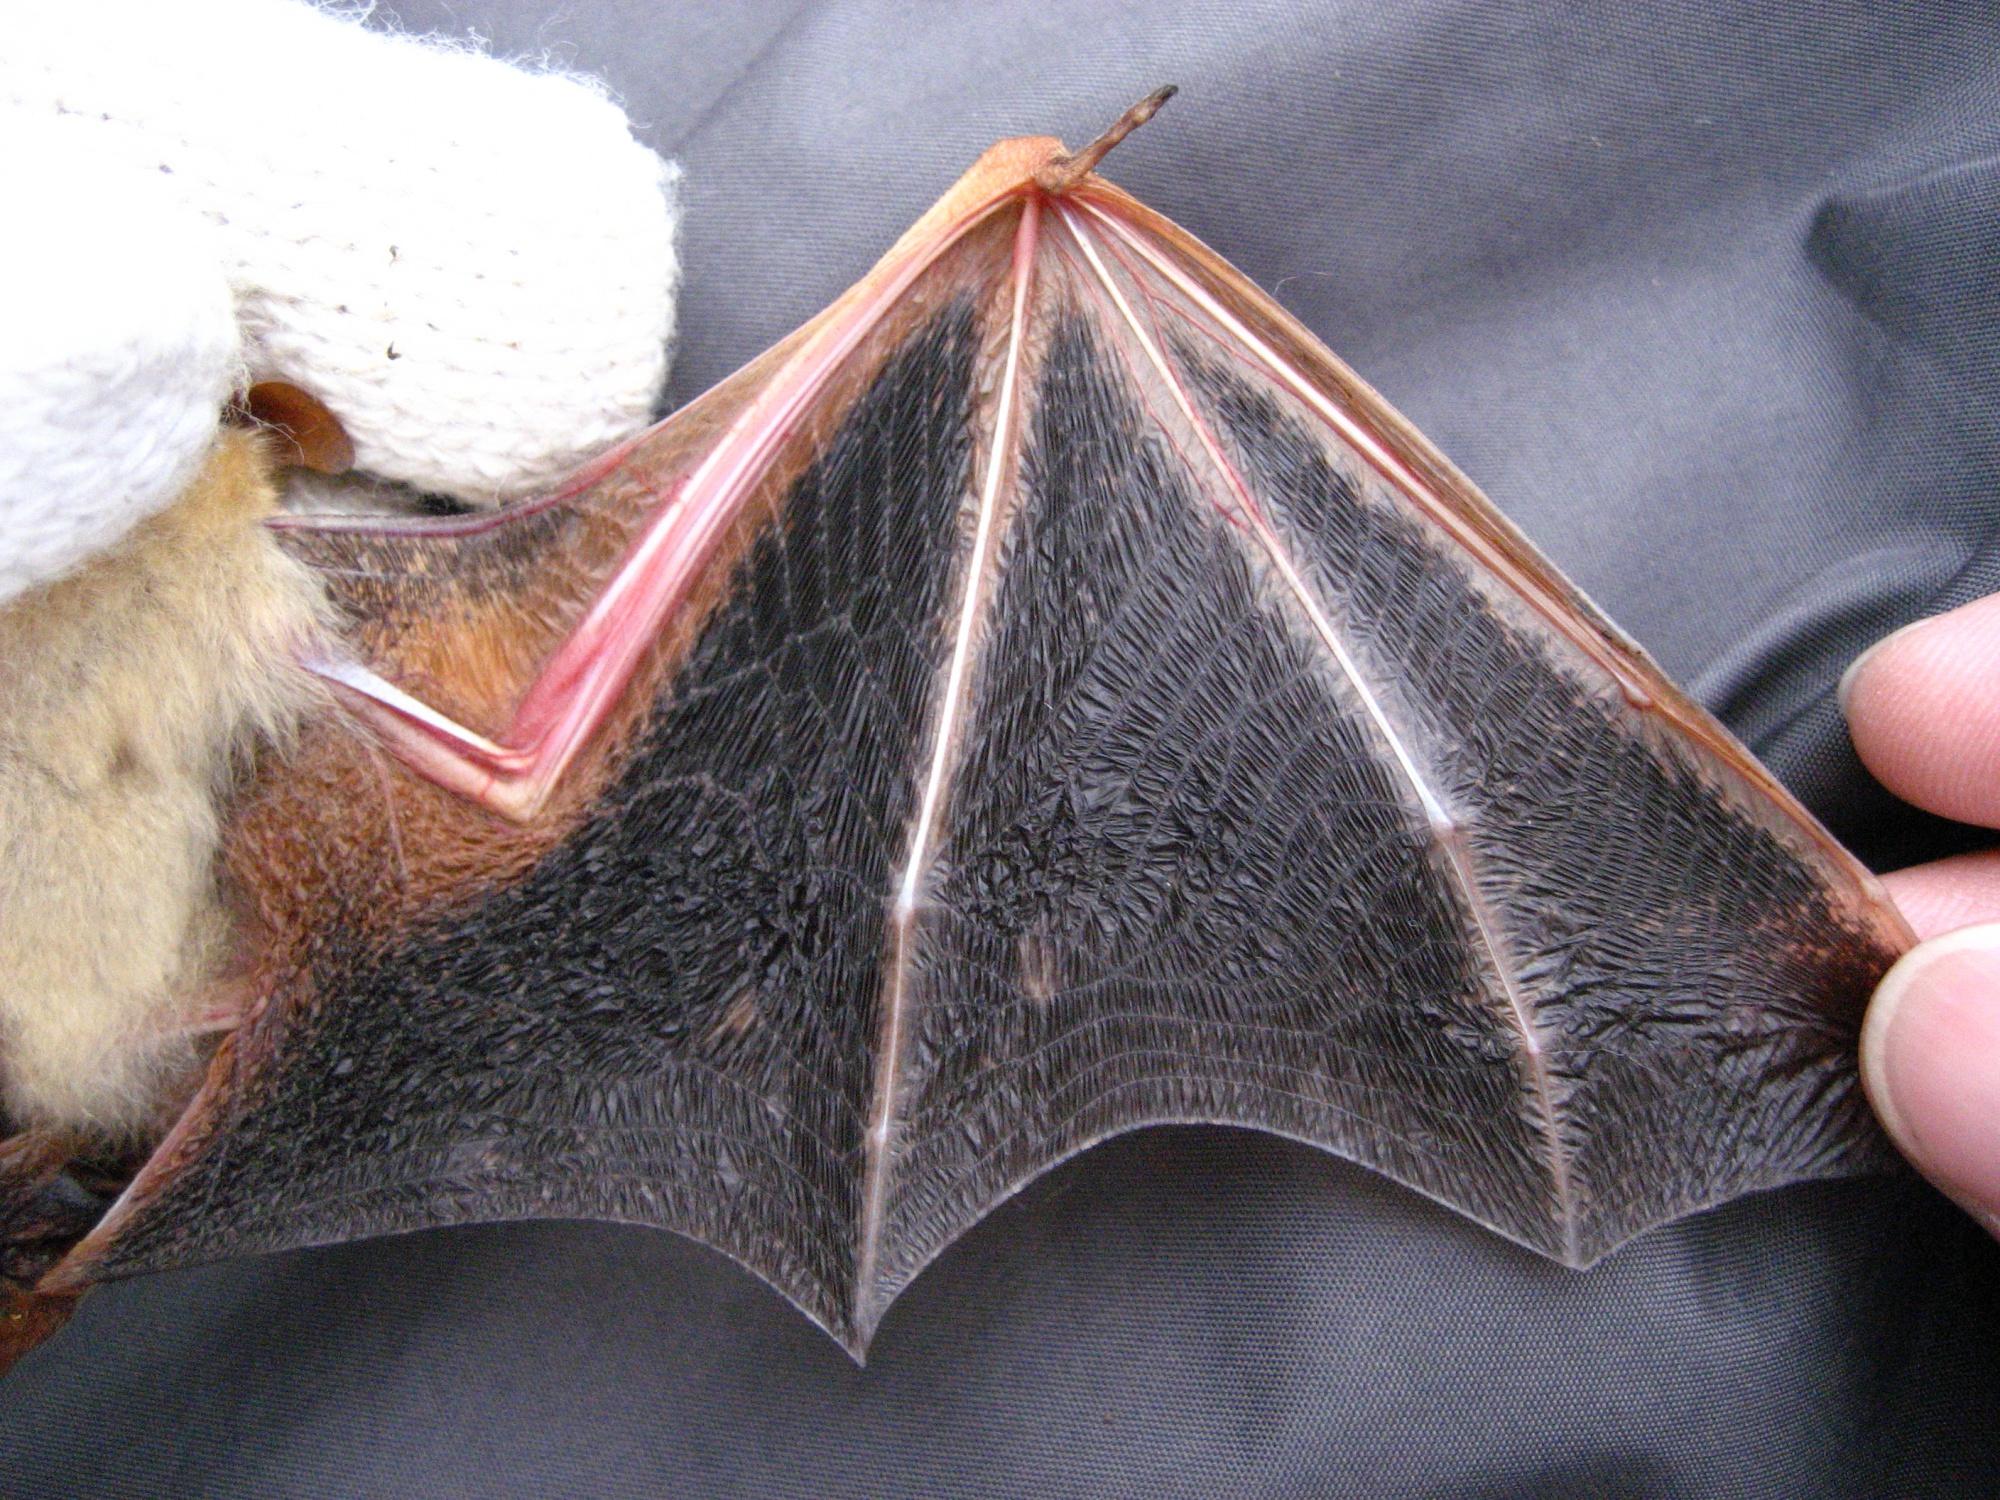 4金黃鼠耳蝠翼膜雙色, 大拇指突出翼膜外(張恒嘉攝)